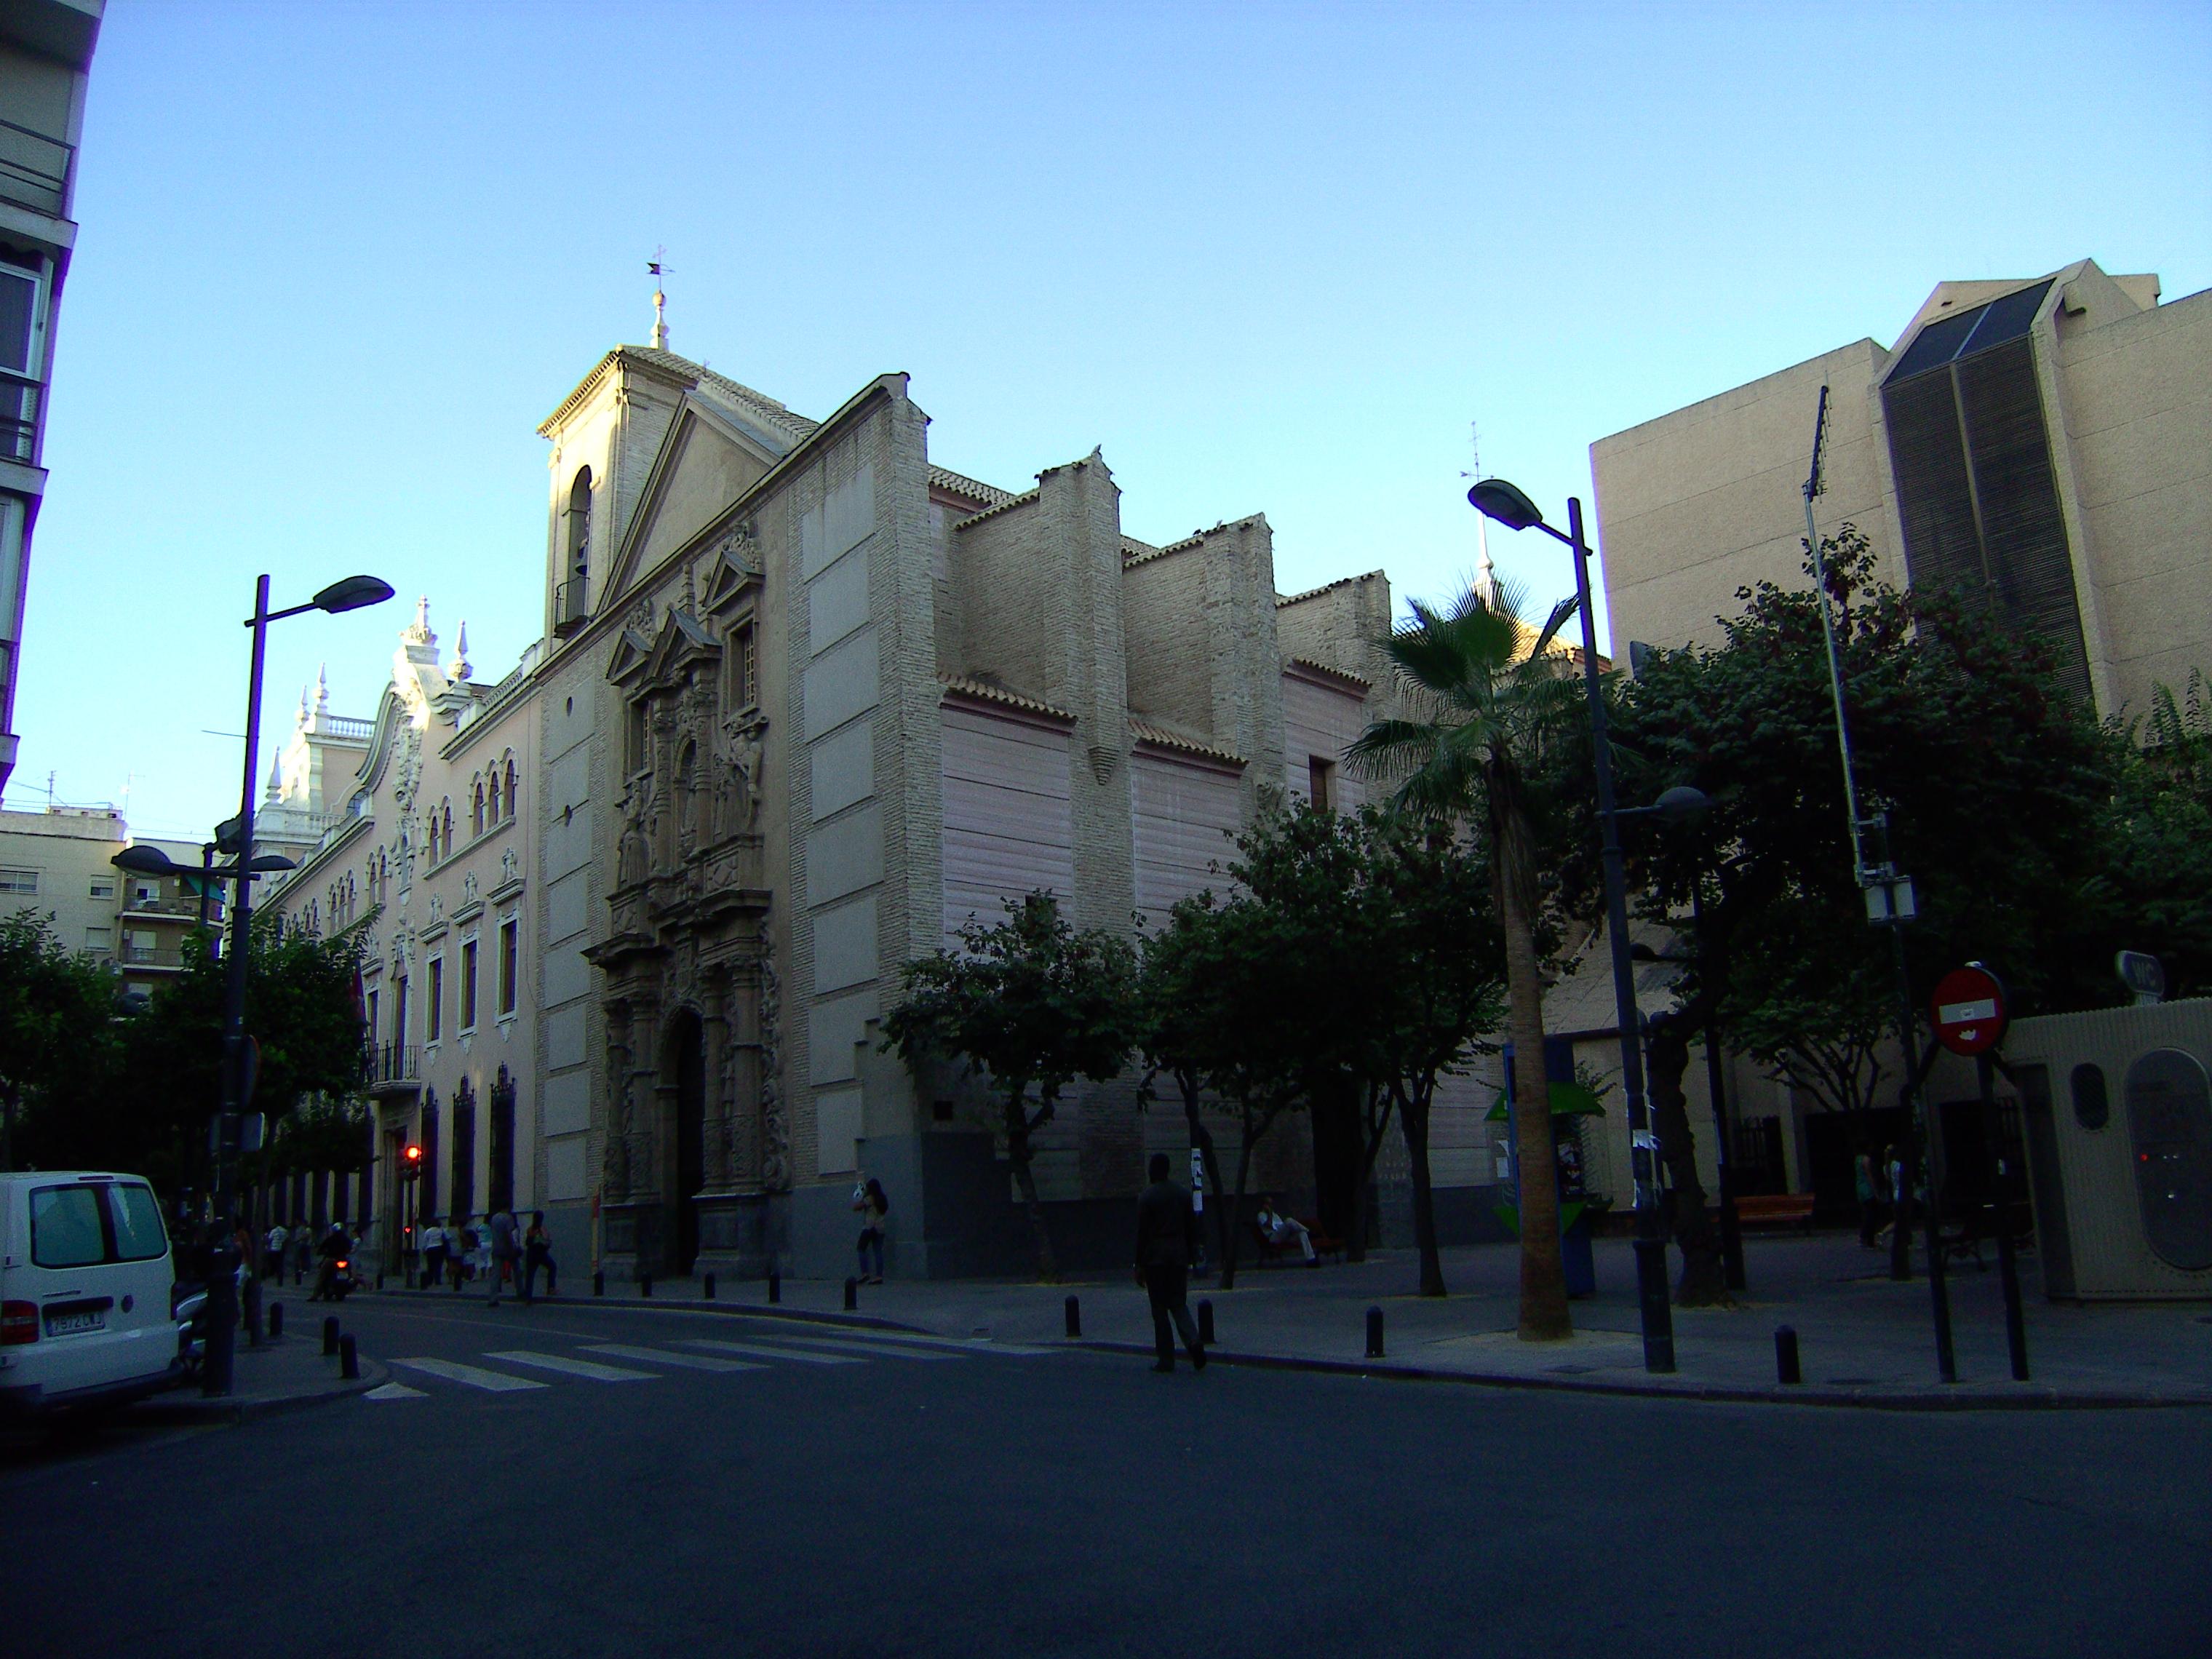 Facultad De Derecho Universidad De Murcia Wikipedia La